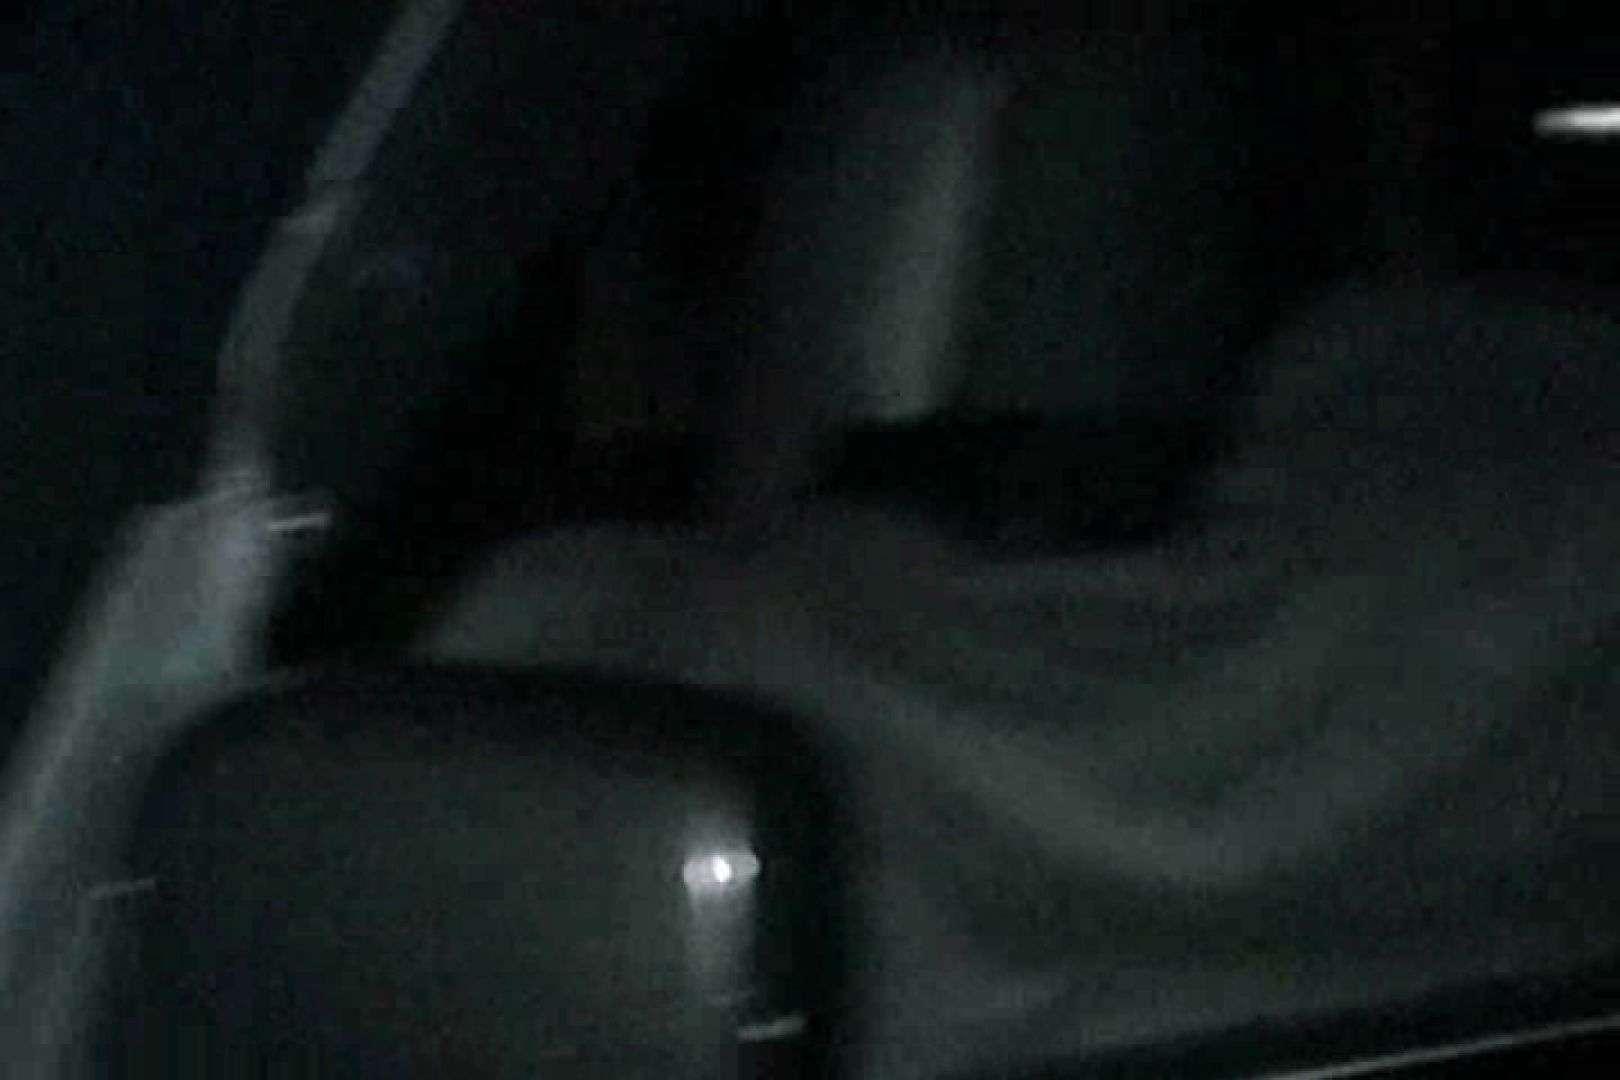 充血監督の深夜の運動会Vol.133 エロティックなOL えろ無修正画像 91画像 62